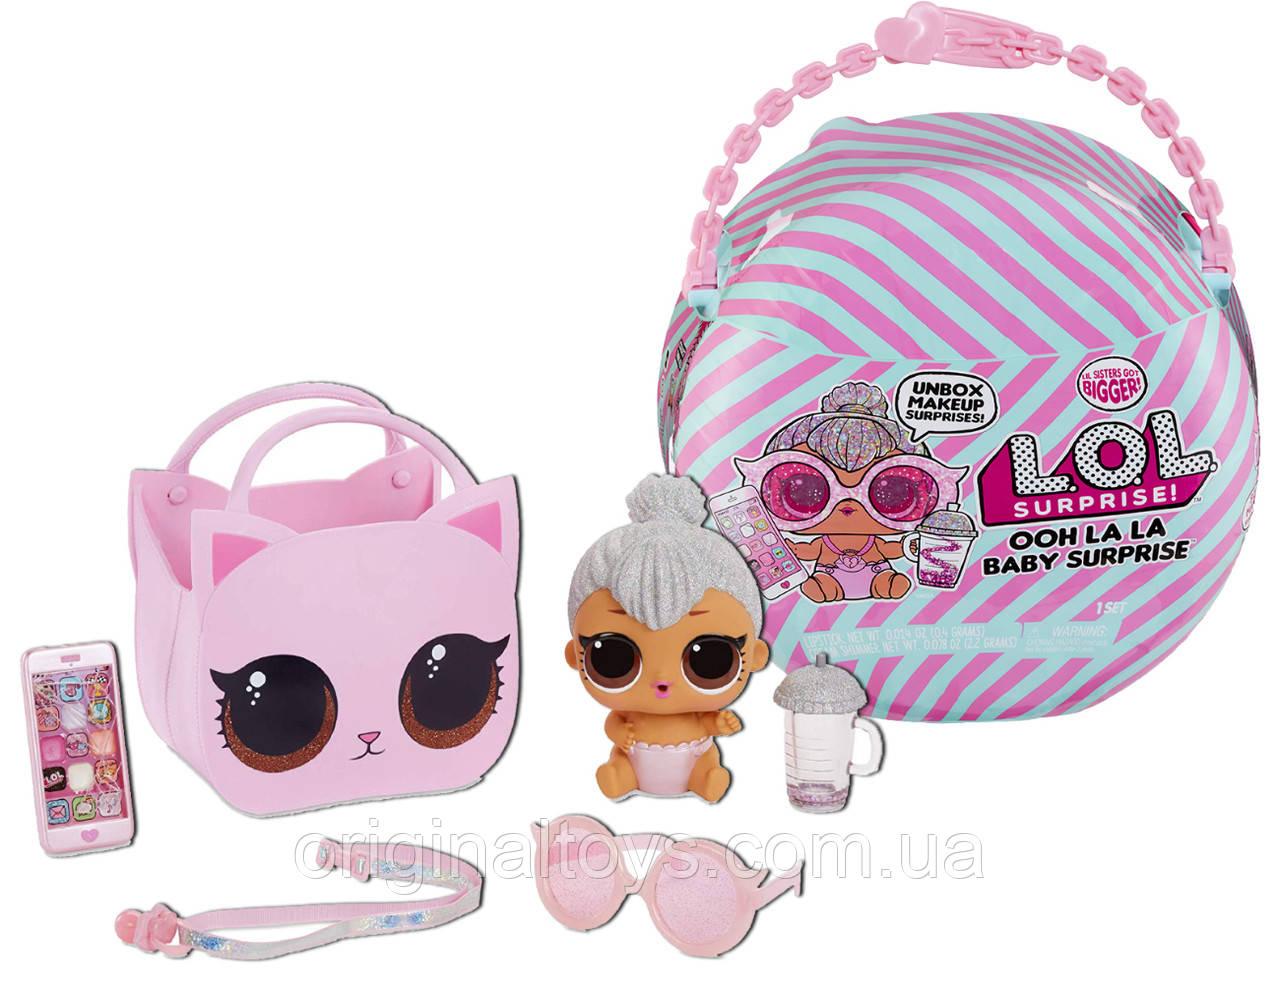 Игровой набор кукла LOL Surprise Ooh La La Baby Surprise Принцесса Китти с аксессуарами